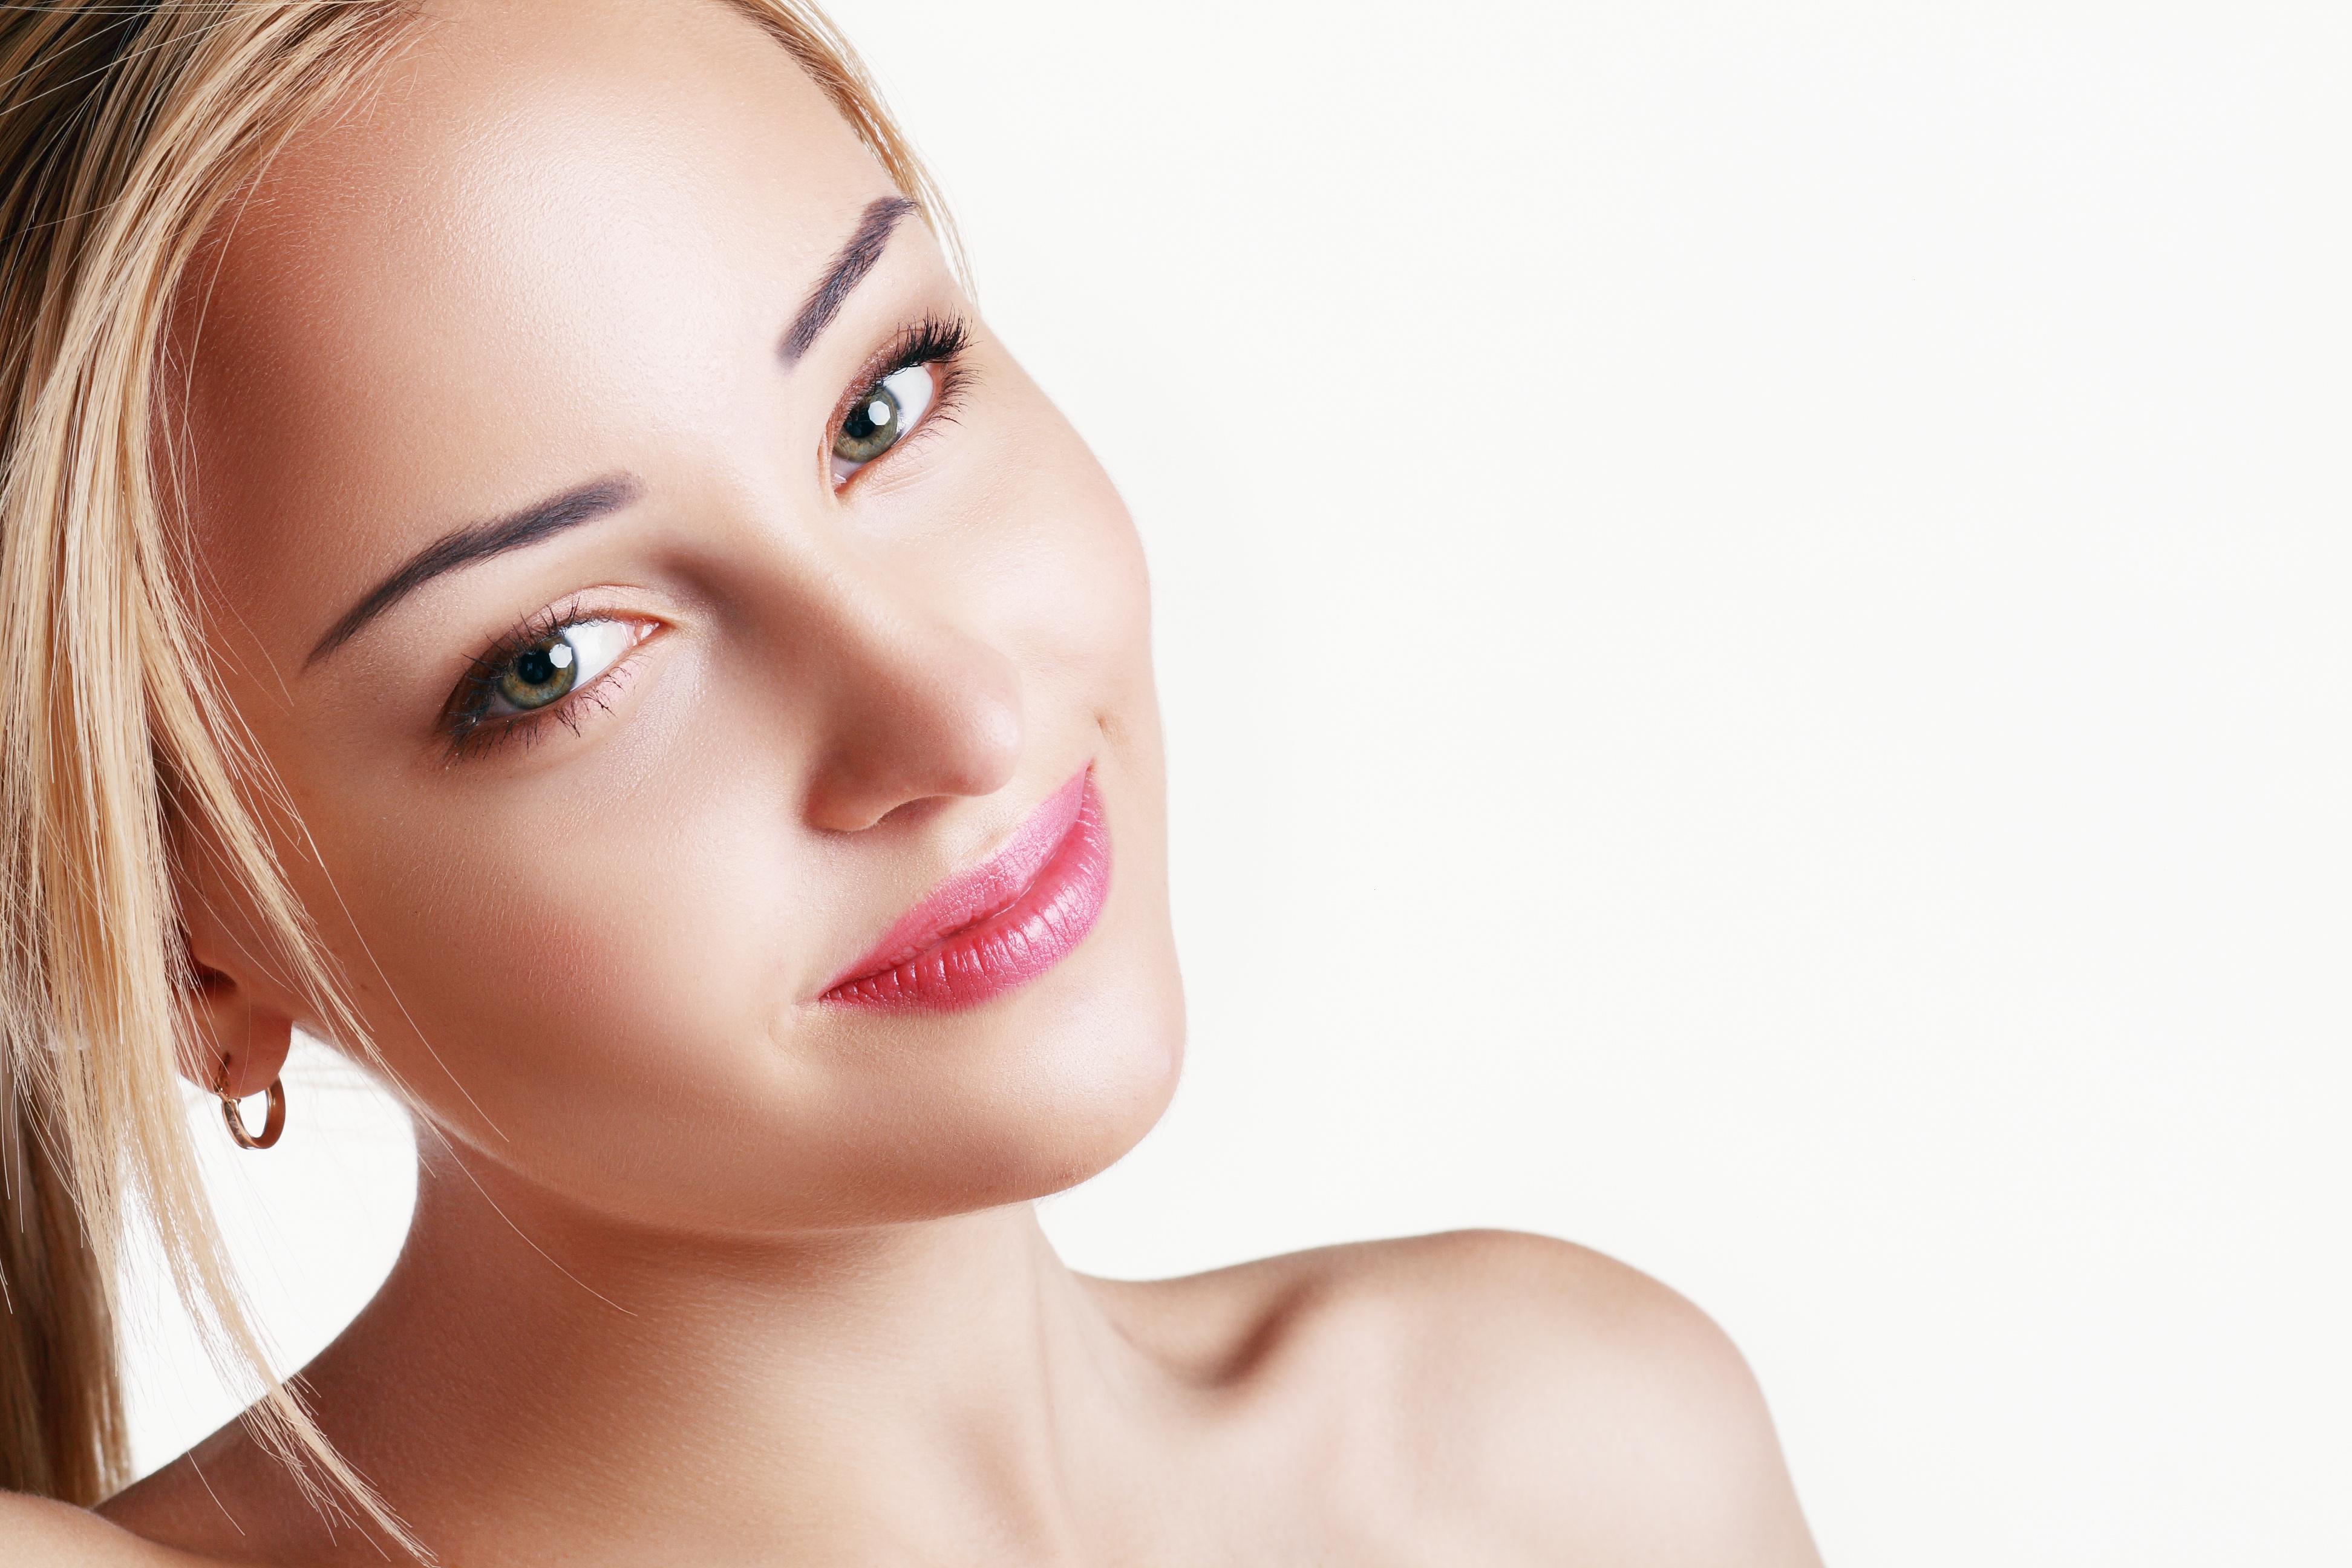 Mederma Cream Reviews for Acne Scars, Mederma skin cream